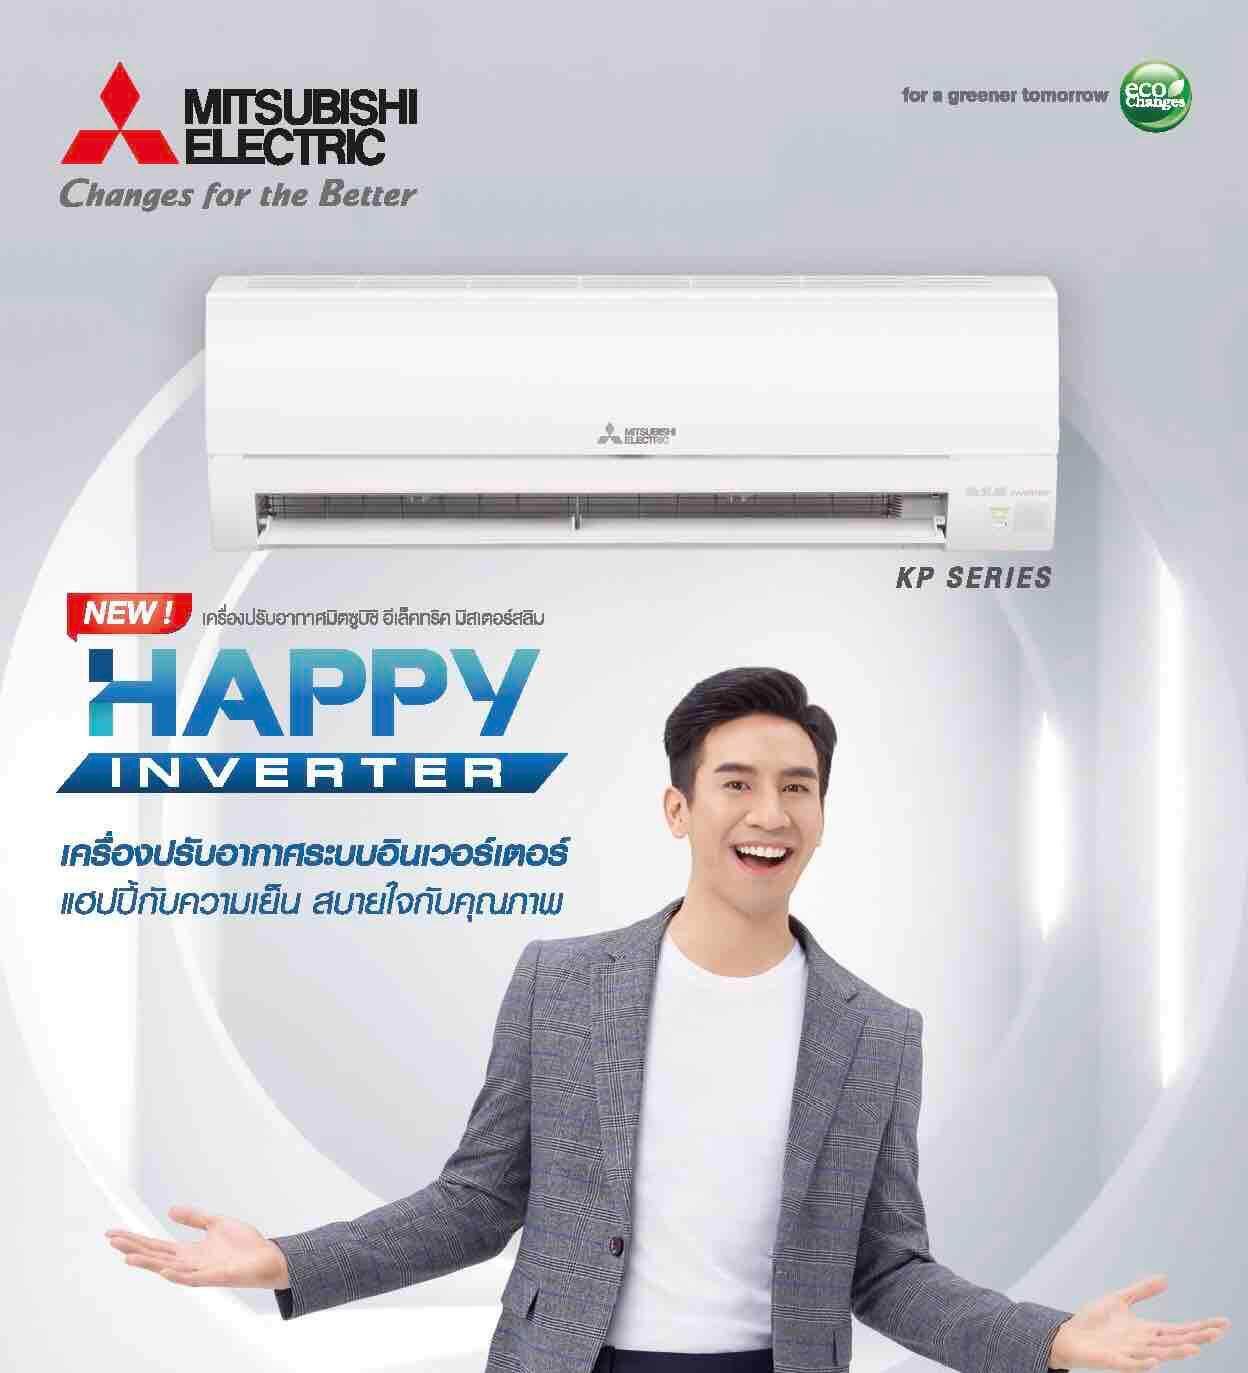 ปัตตานี แอร์ Mitsubishi HAPPY INVERTER 9 000btu ราคาพร้อมค่าติดตั้งฟรี